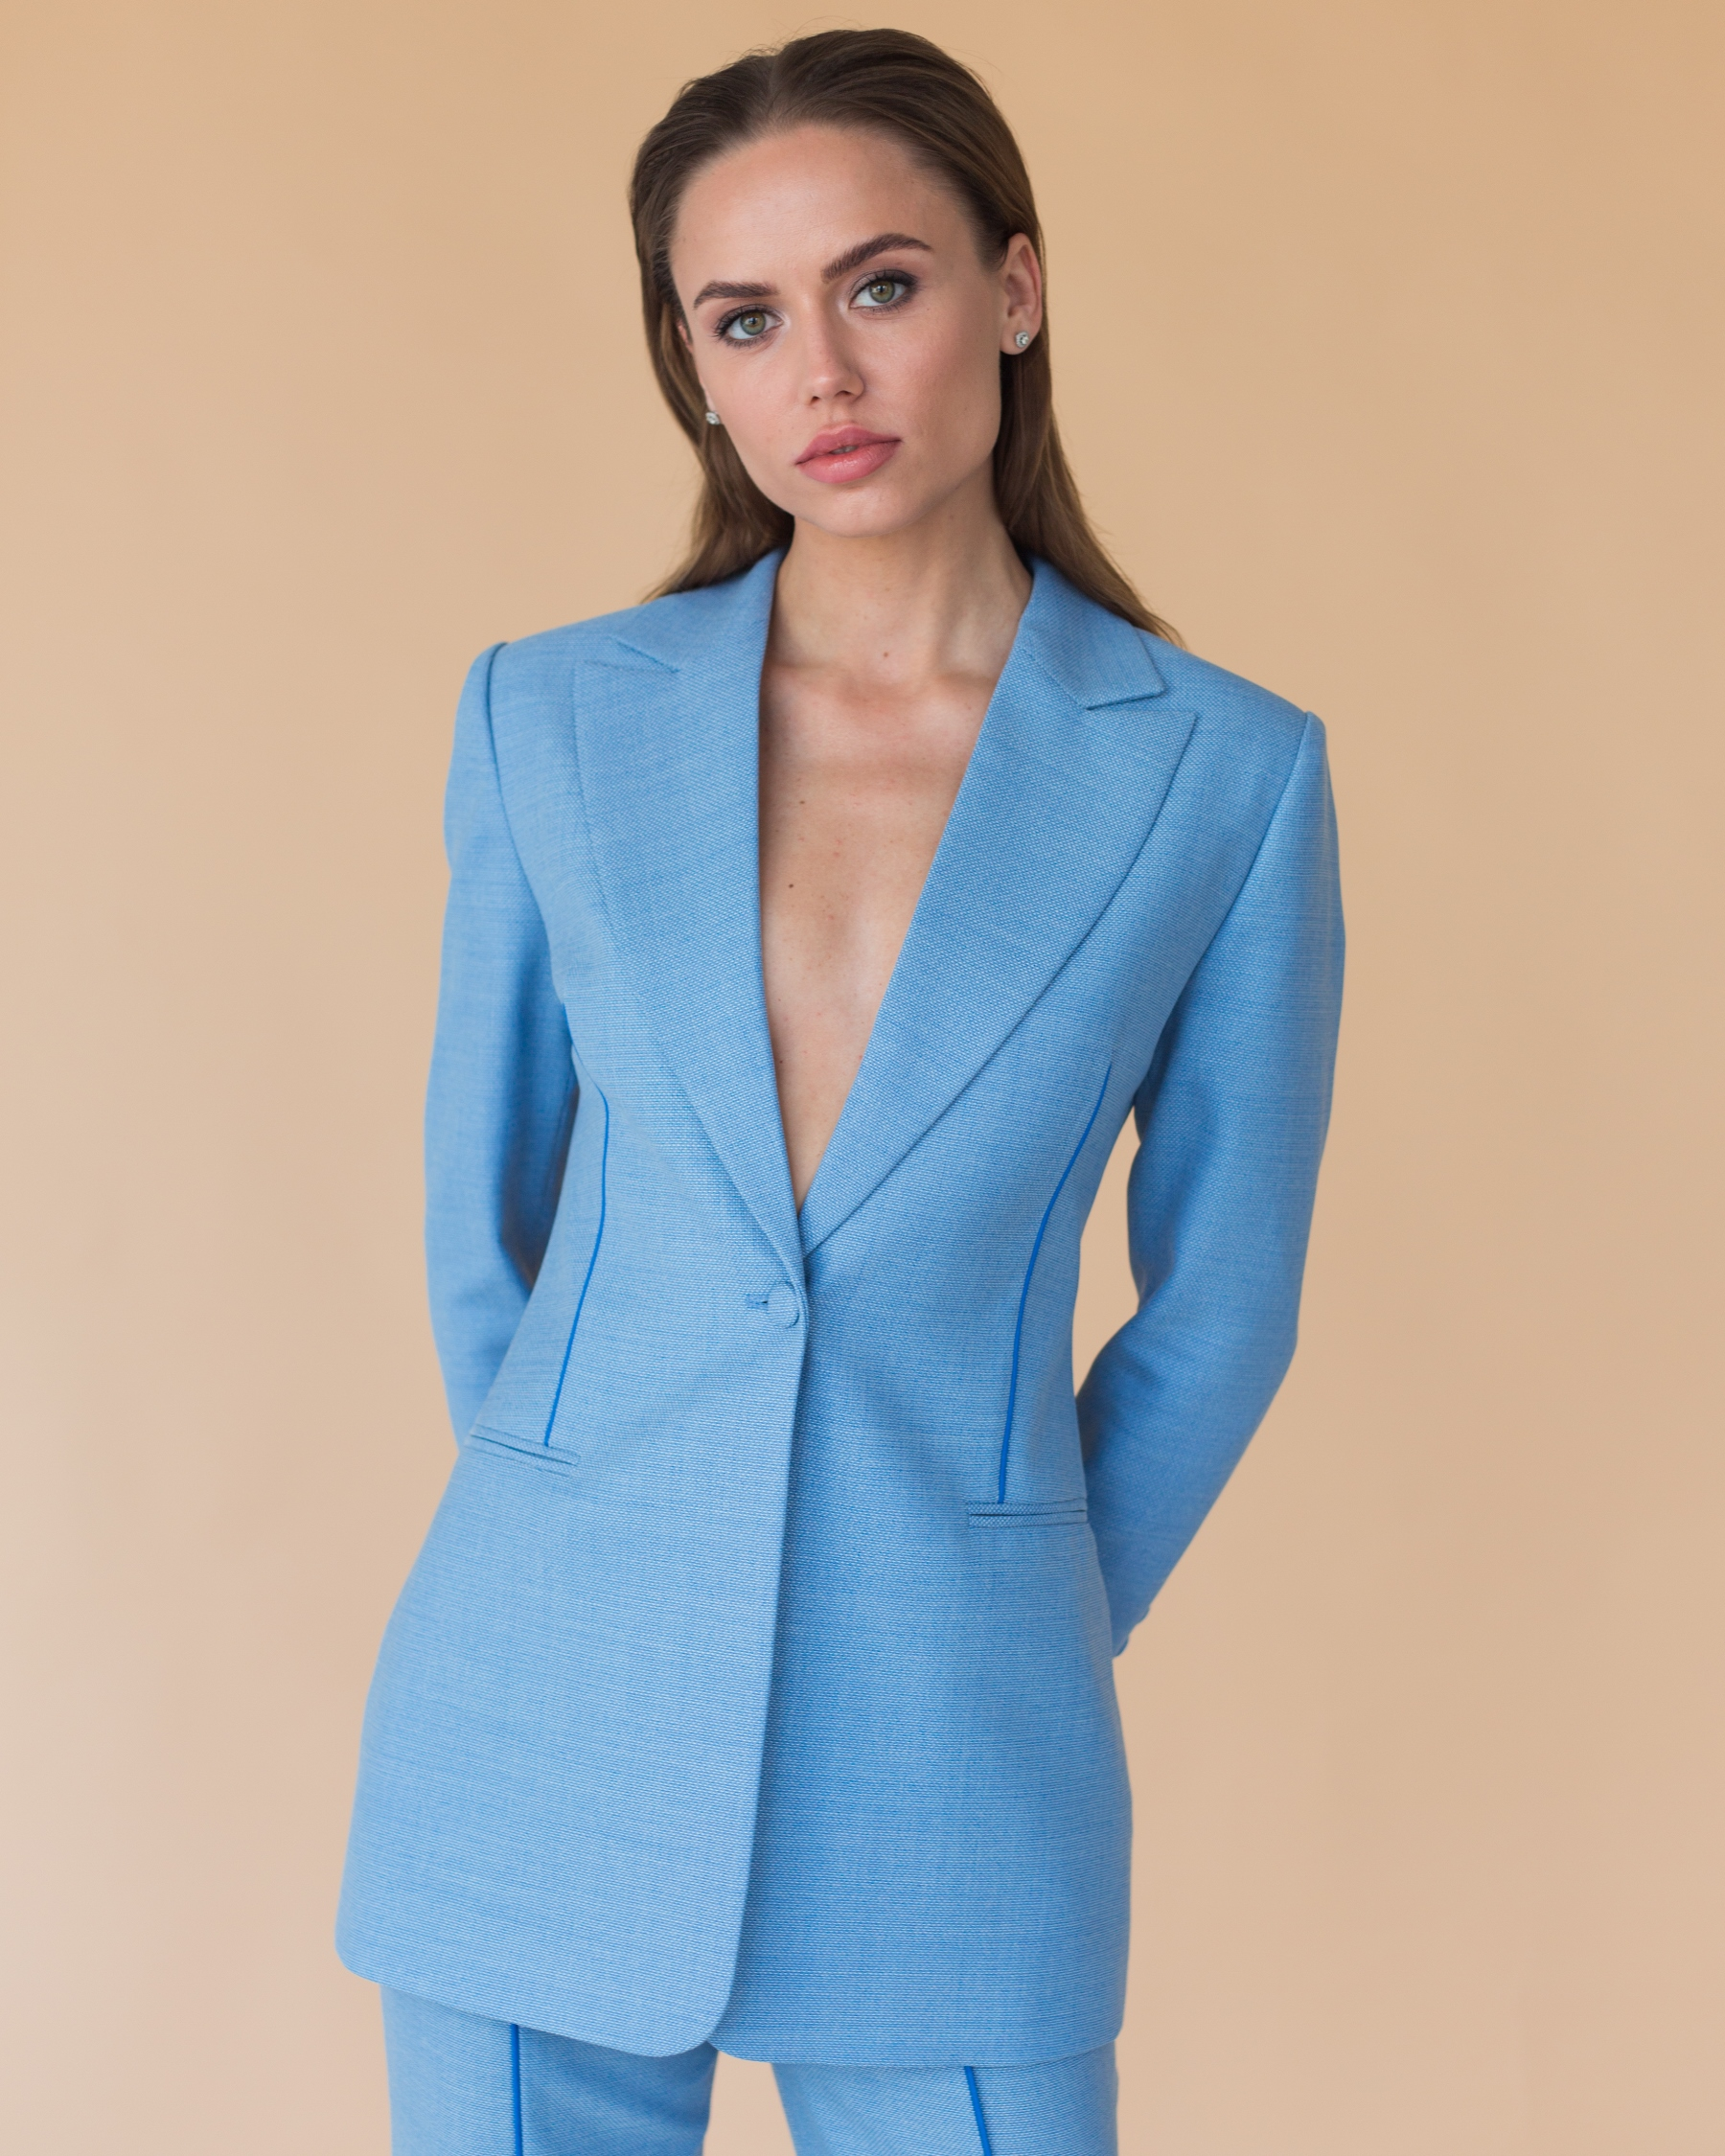 Голубой жакет из тонкой костюмной шерсти с синим кантом